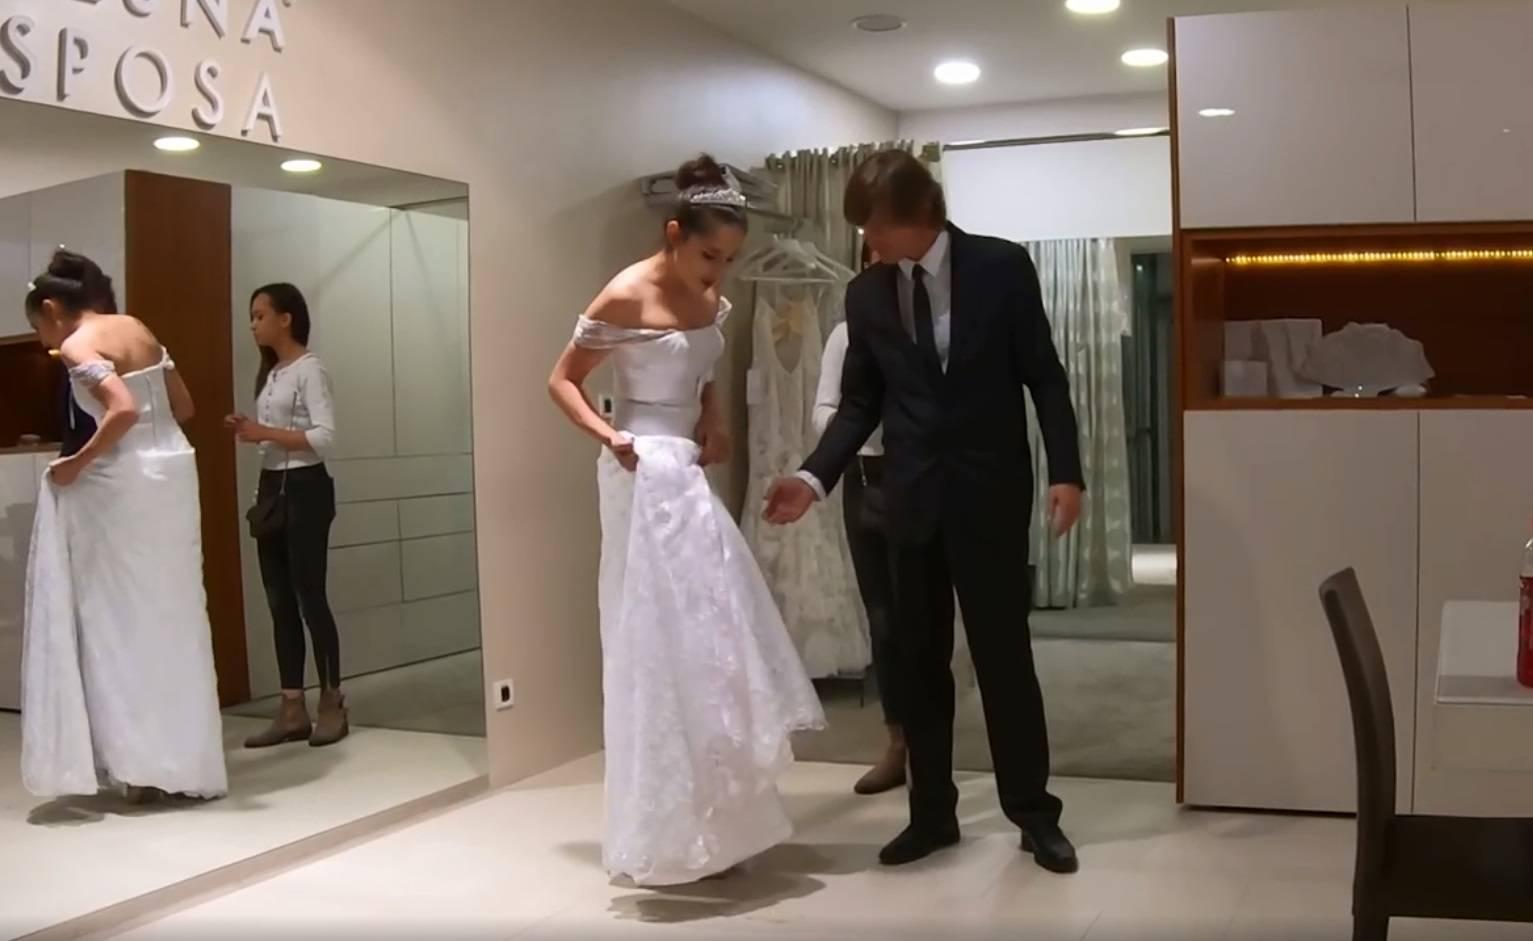 Rekli su joj da je uništila skupu vjenčanicu od 20 tisuća kuna...